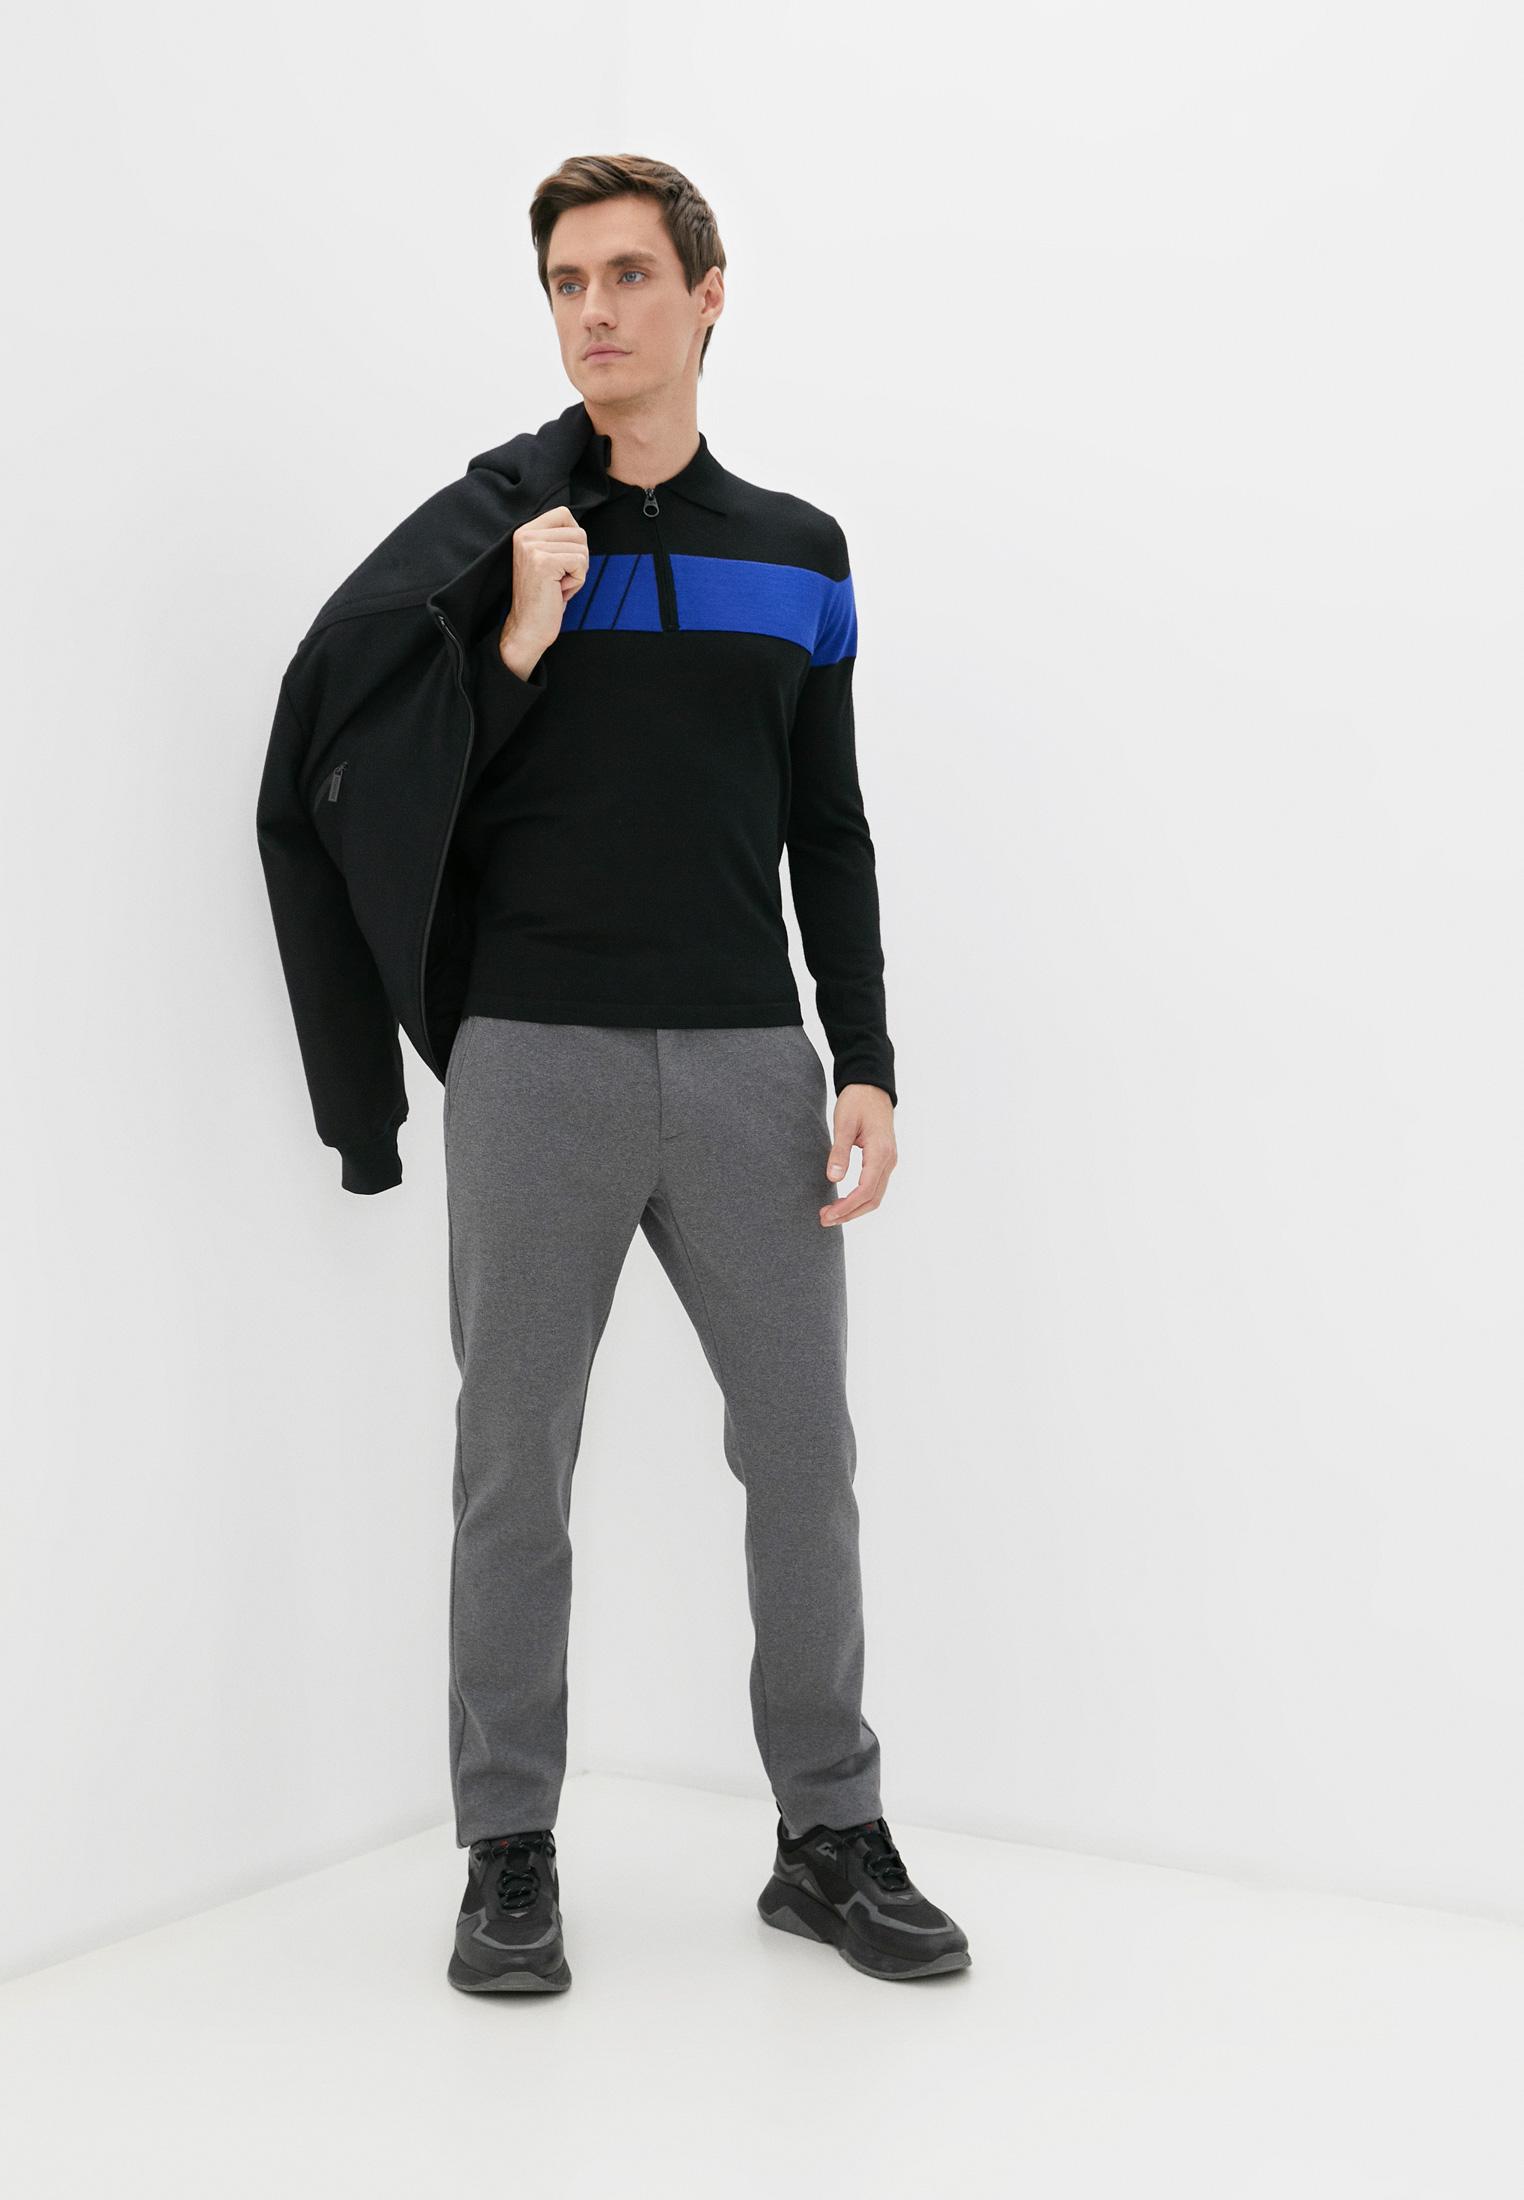 Мужские повседневные брюки Bikkembergs (Биккембергс) C 1 115 01 M 4114: изображение 3